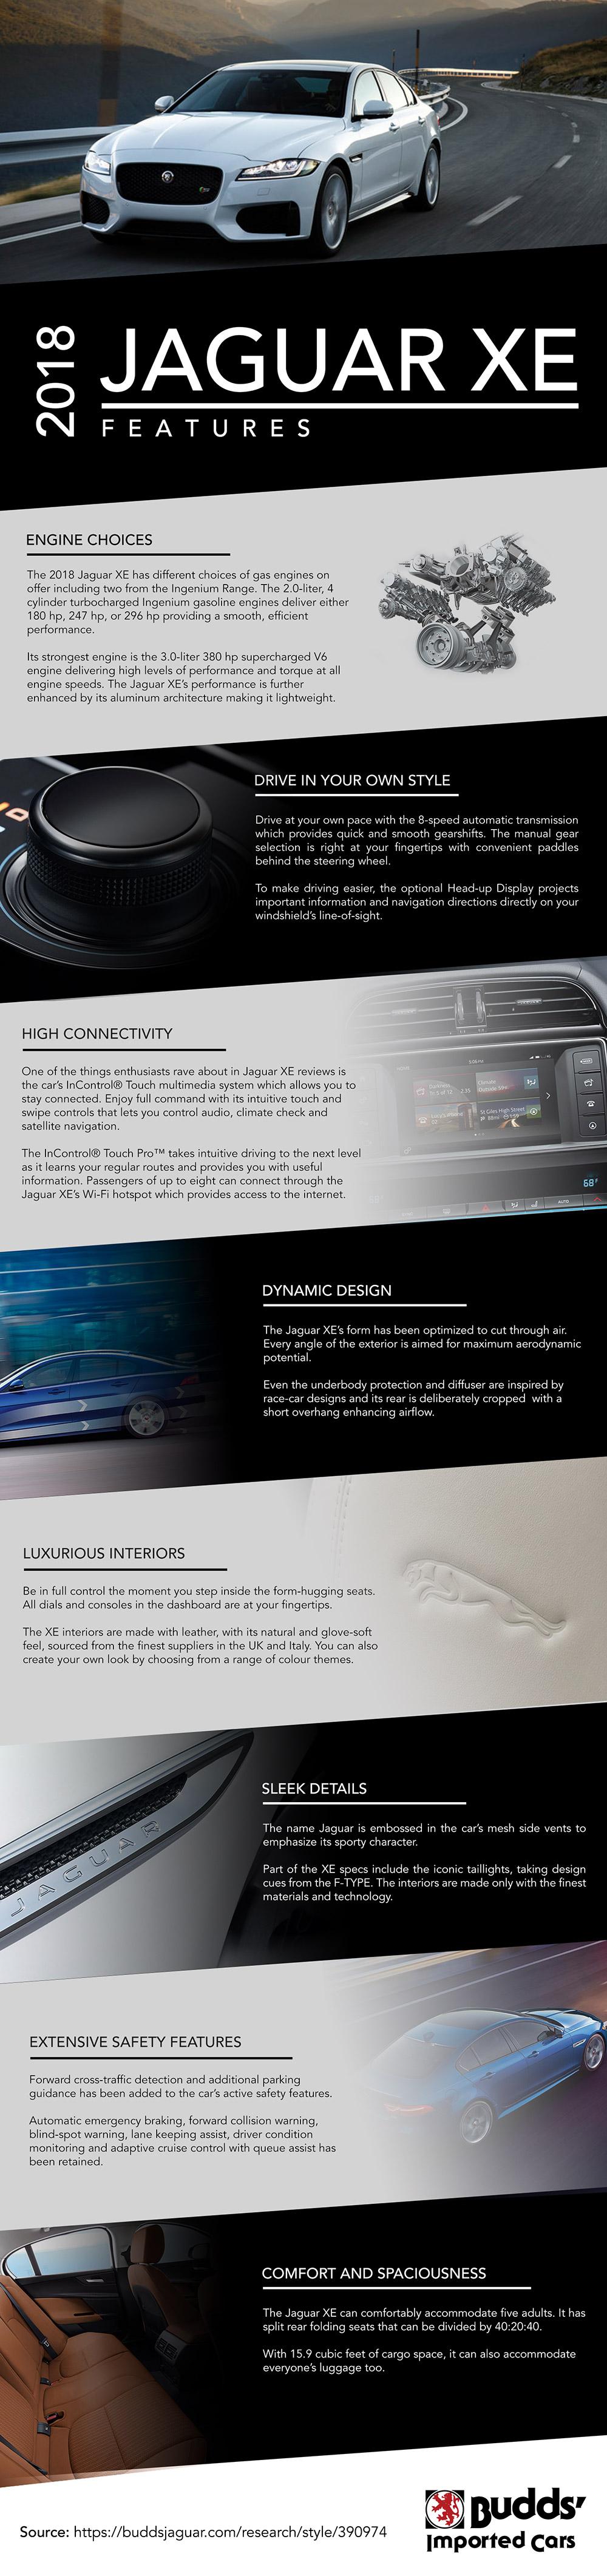 2018 Jaguar Xe Features